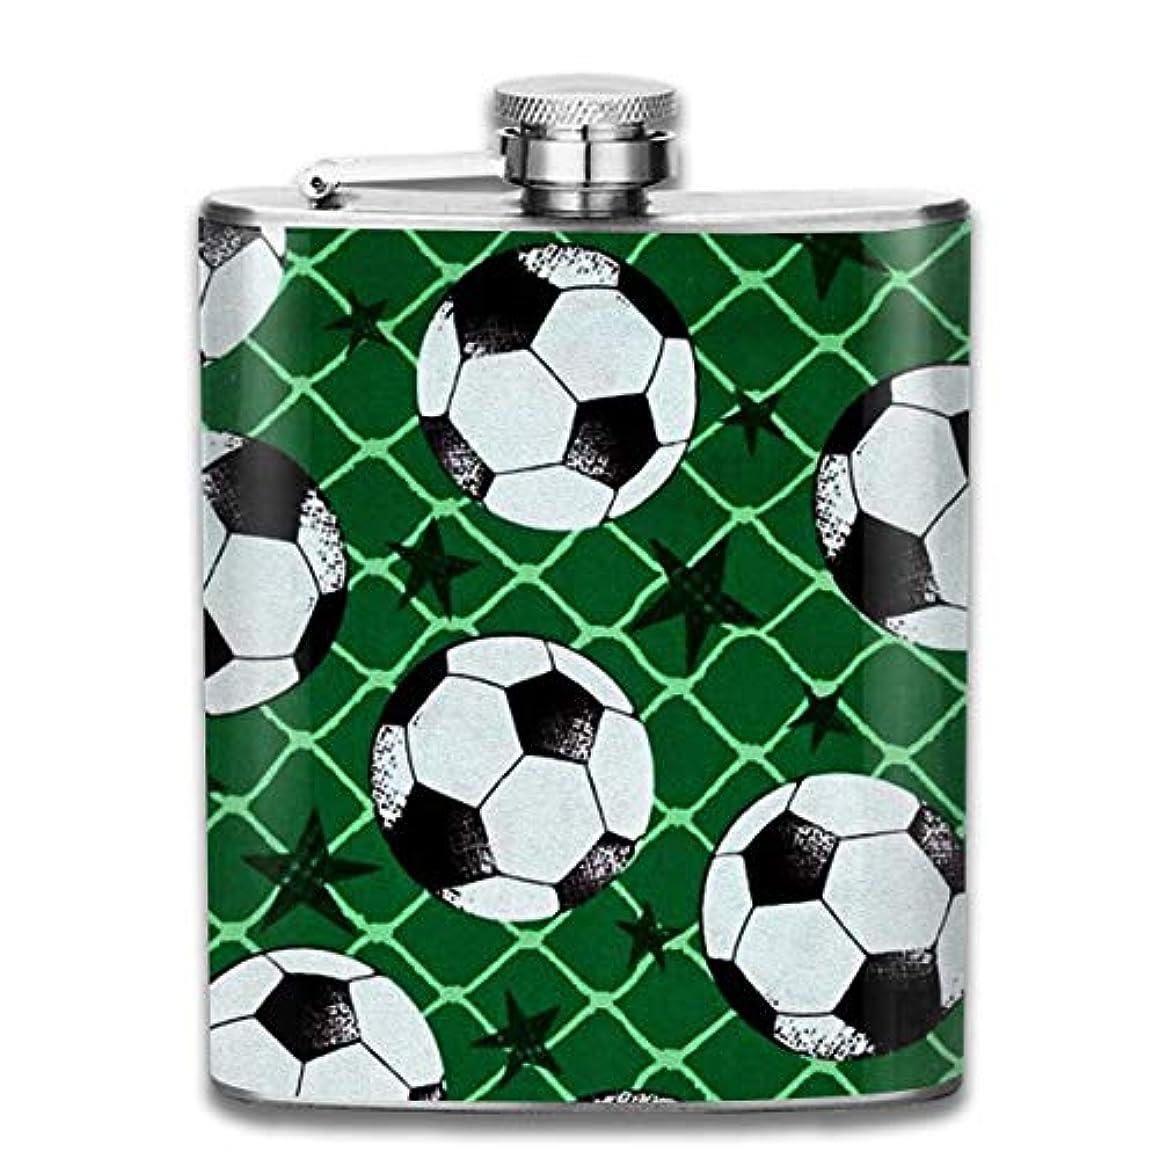 バイオレットコンチネンタル痛いサッカーフラスコ スキットル ヒップフラスコ 7オンス 206ml 高品質ステンレス製 ウイスキー アルコール 清酒 携帯 ボトル